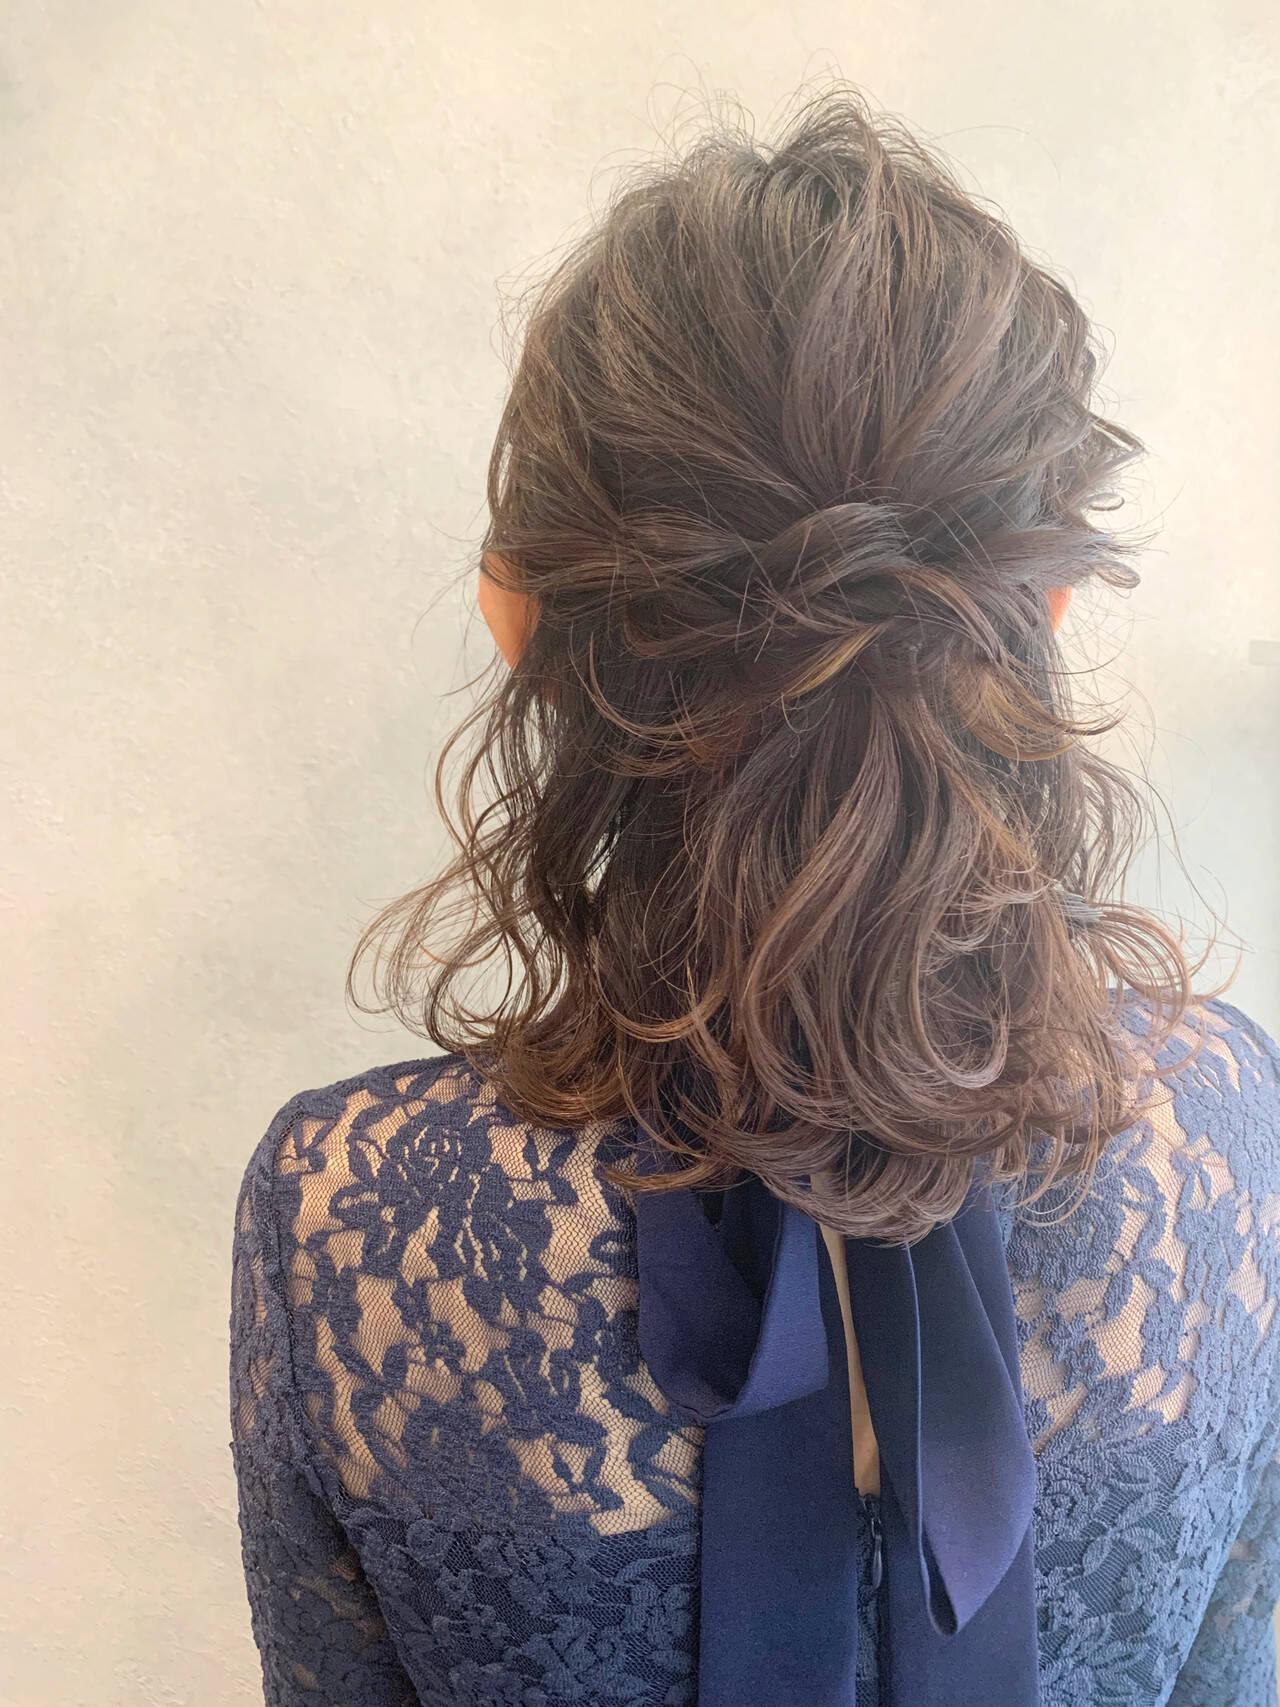 ガーリー ヘアアレンジ ふわふわヘアアレンジ ハーフアップヘアスタイルや髪型の写真・画像